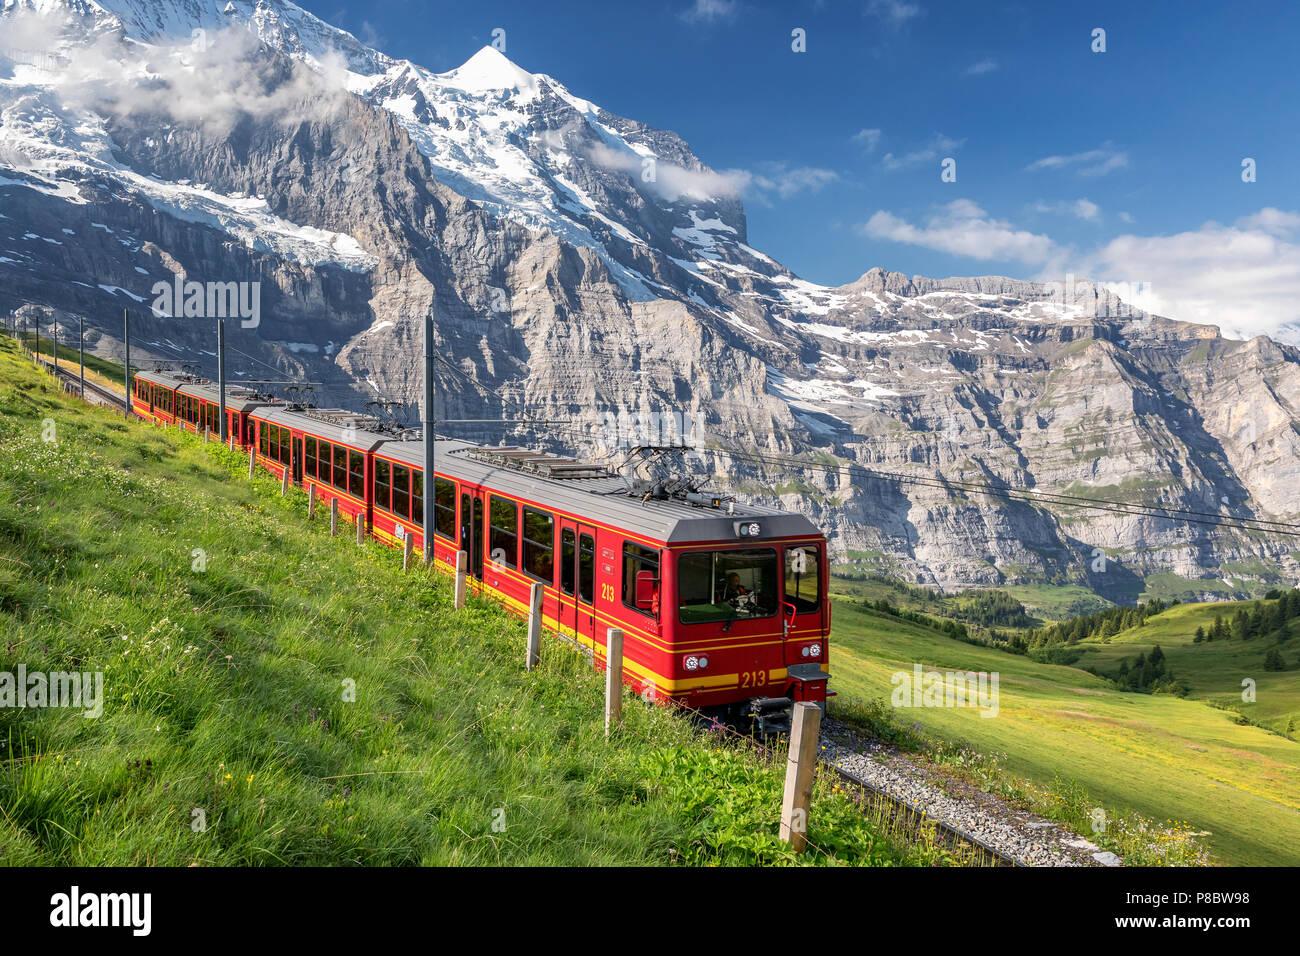 Zug von der Jungfraubahn in der Nähe von Kleine Scheidegg, Berner Oberland, Schweiz Stockbild